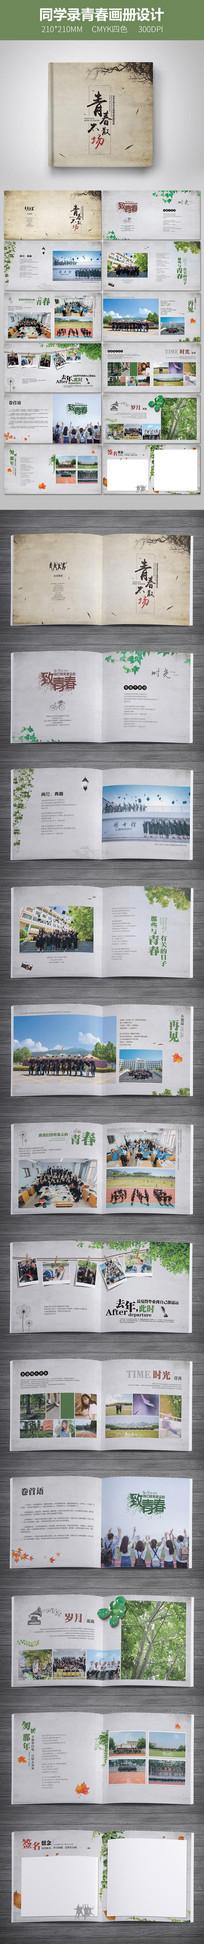 同学录毕业纪念册聚会画册设计